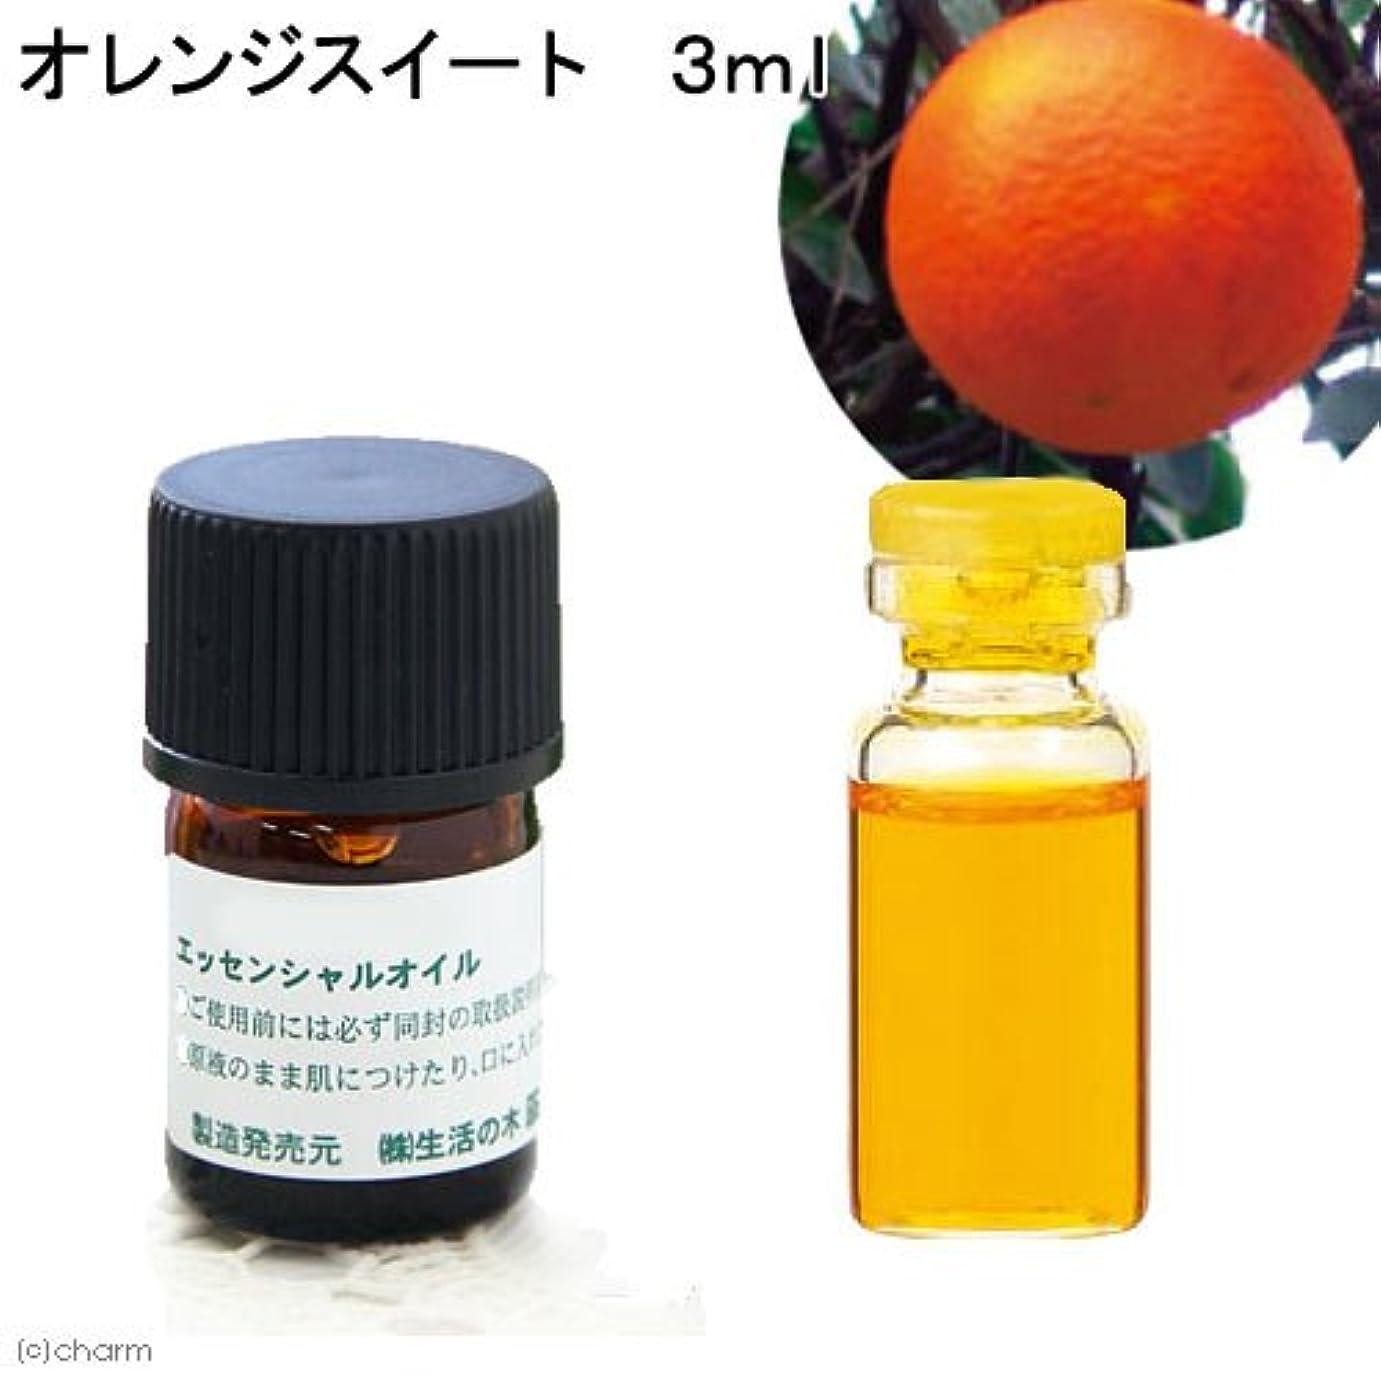 中傷回るシーサイド生活の木 オレンジスイート 3ml